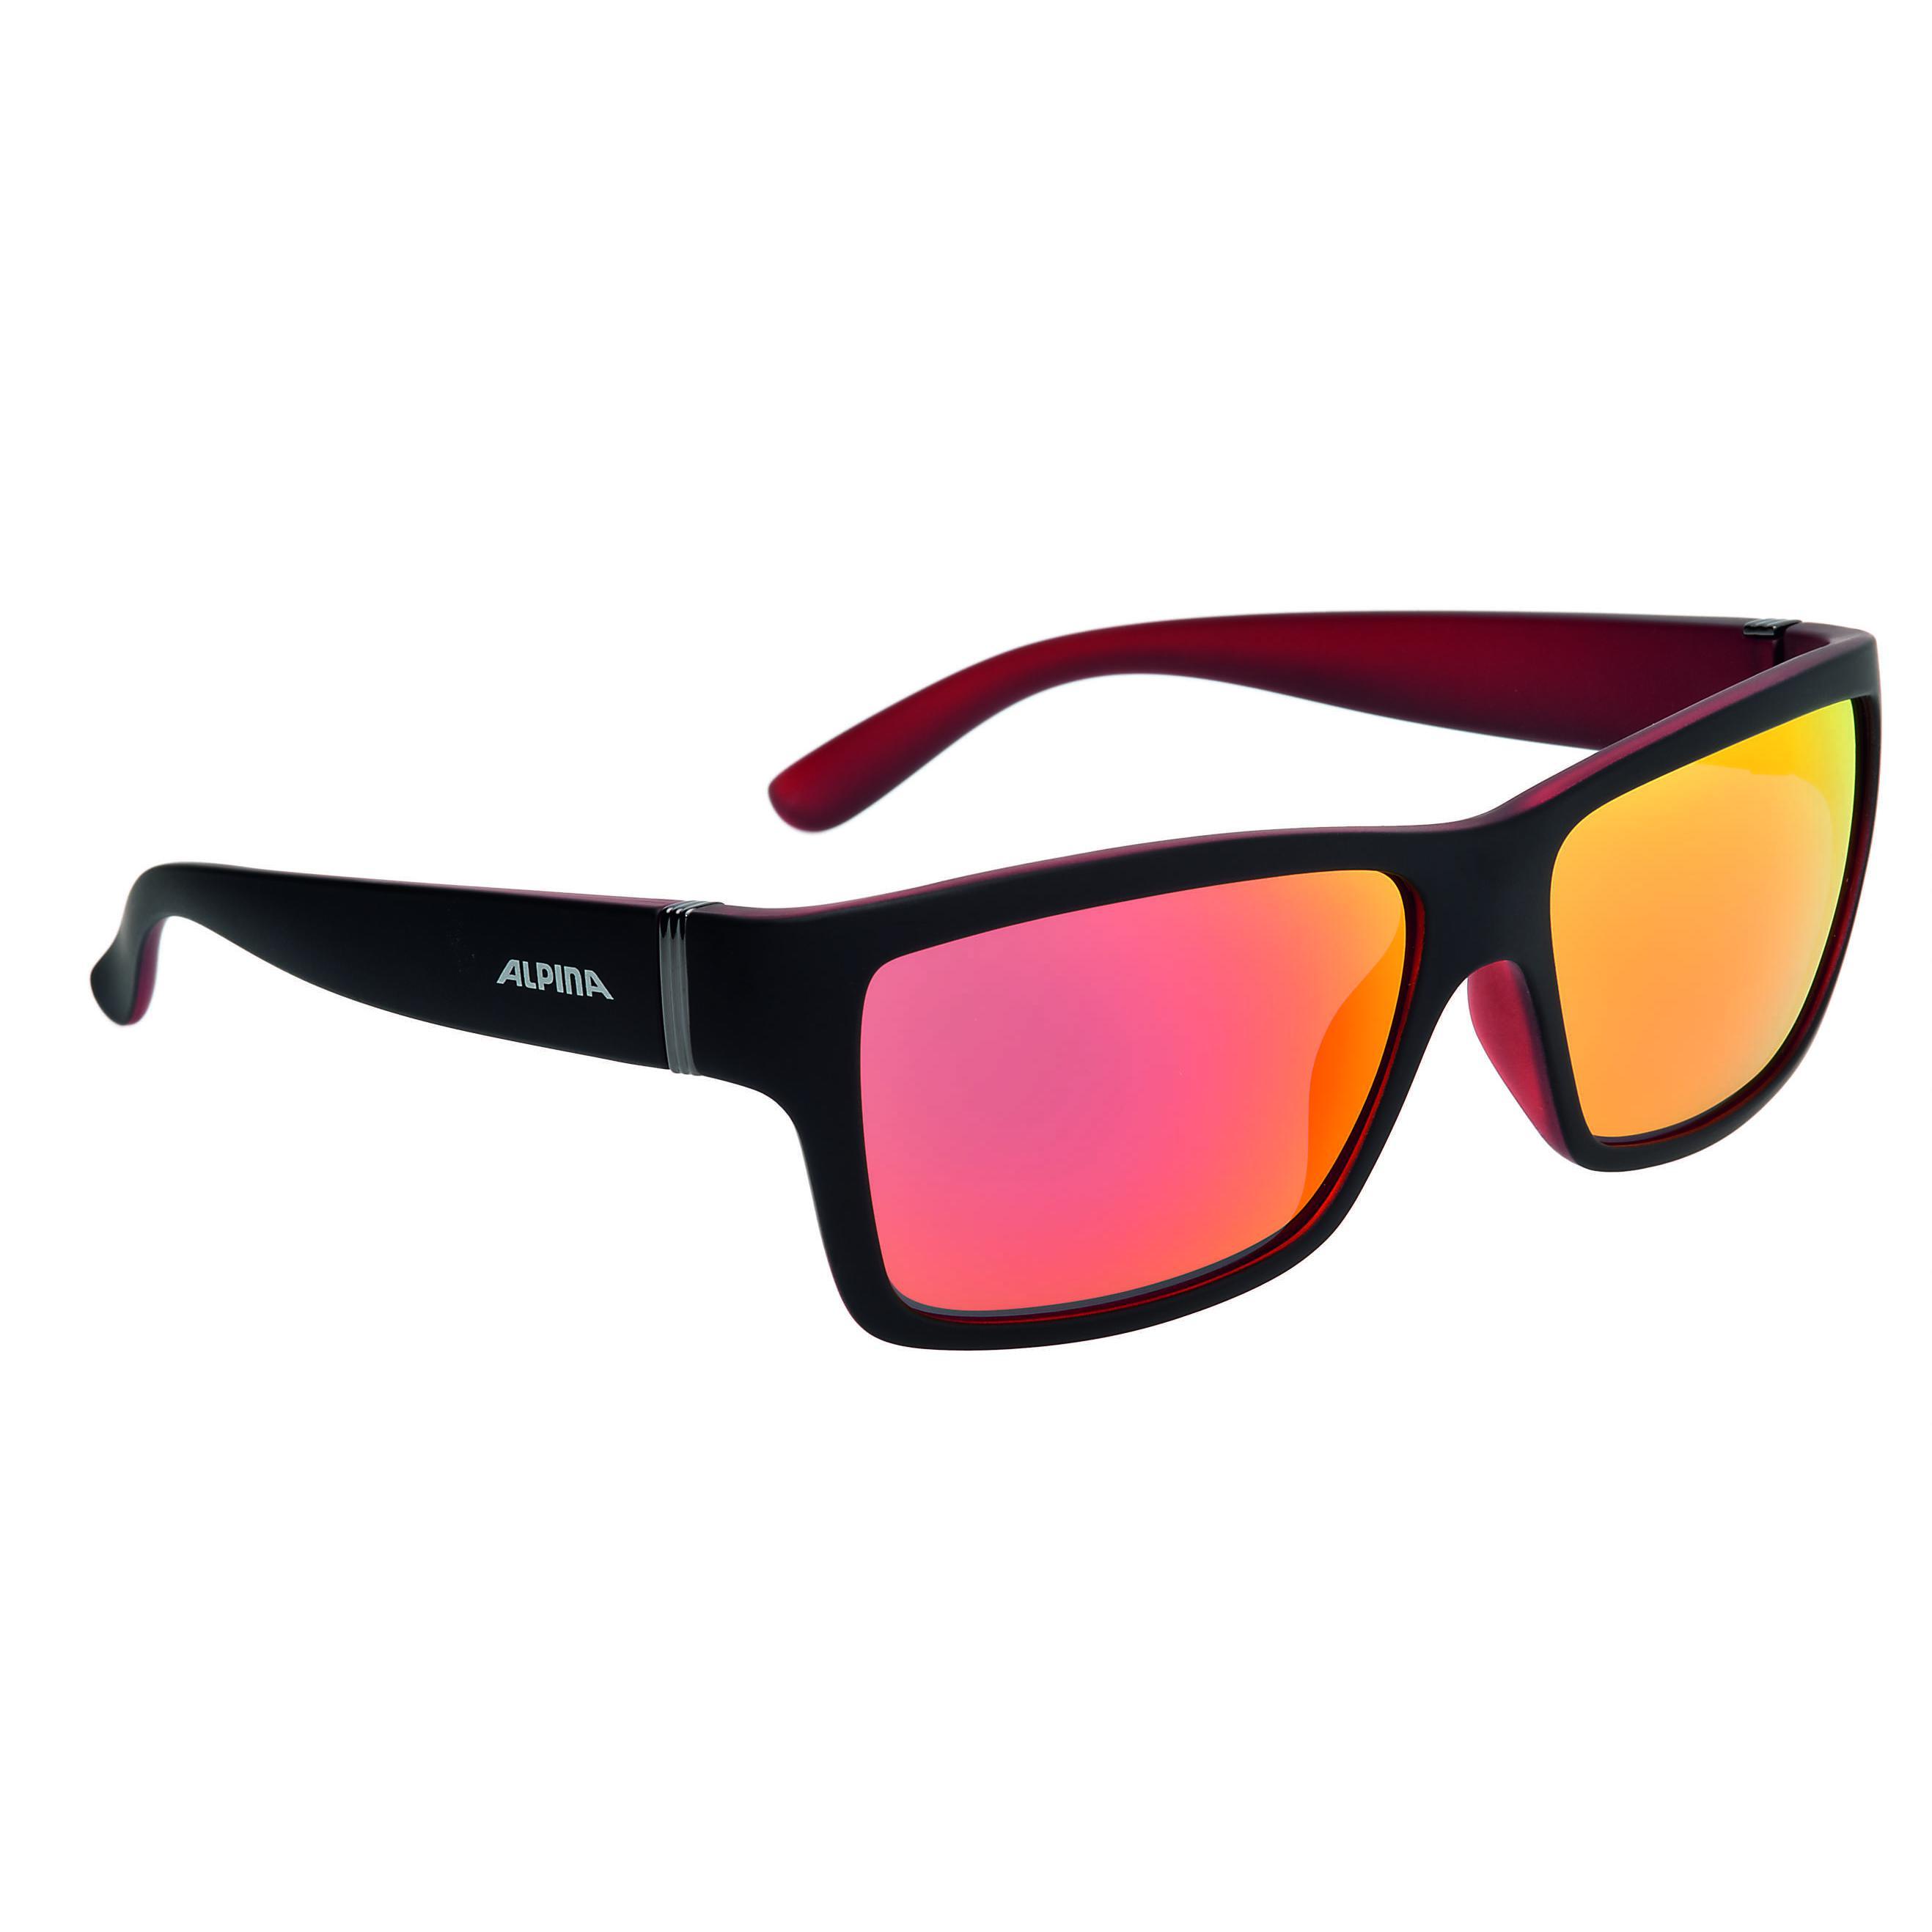 Очки солнцезащитные Alpina 2018 KACEY black matt-red, солнцезащитные, 1180599  - купить со скидкой